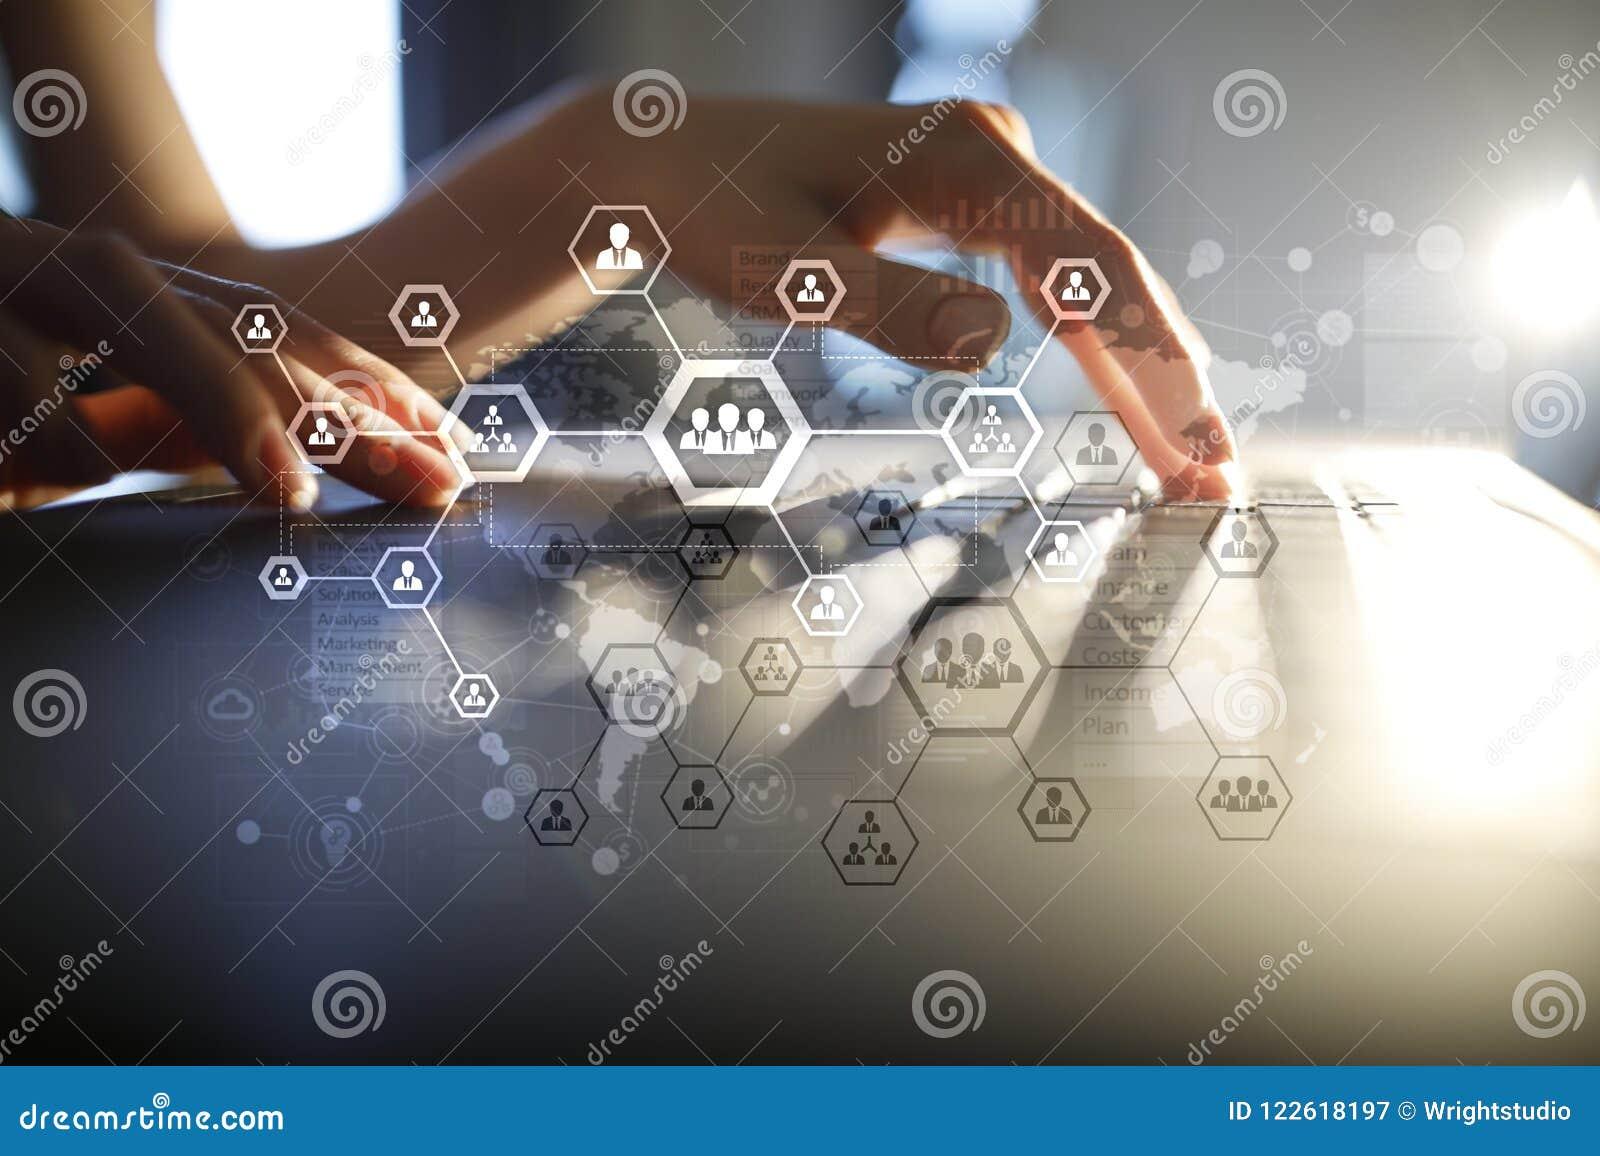 Διάγραμμα δομών οργάνωσης, δίκτυο επικοινωνίας ανθρώπων ` s Ωρ., ανθρώπινα δυναμικά